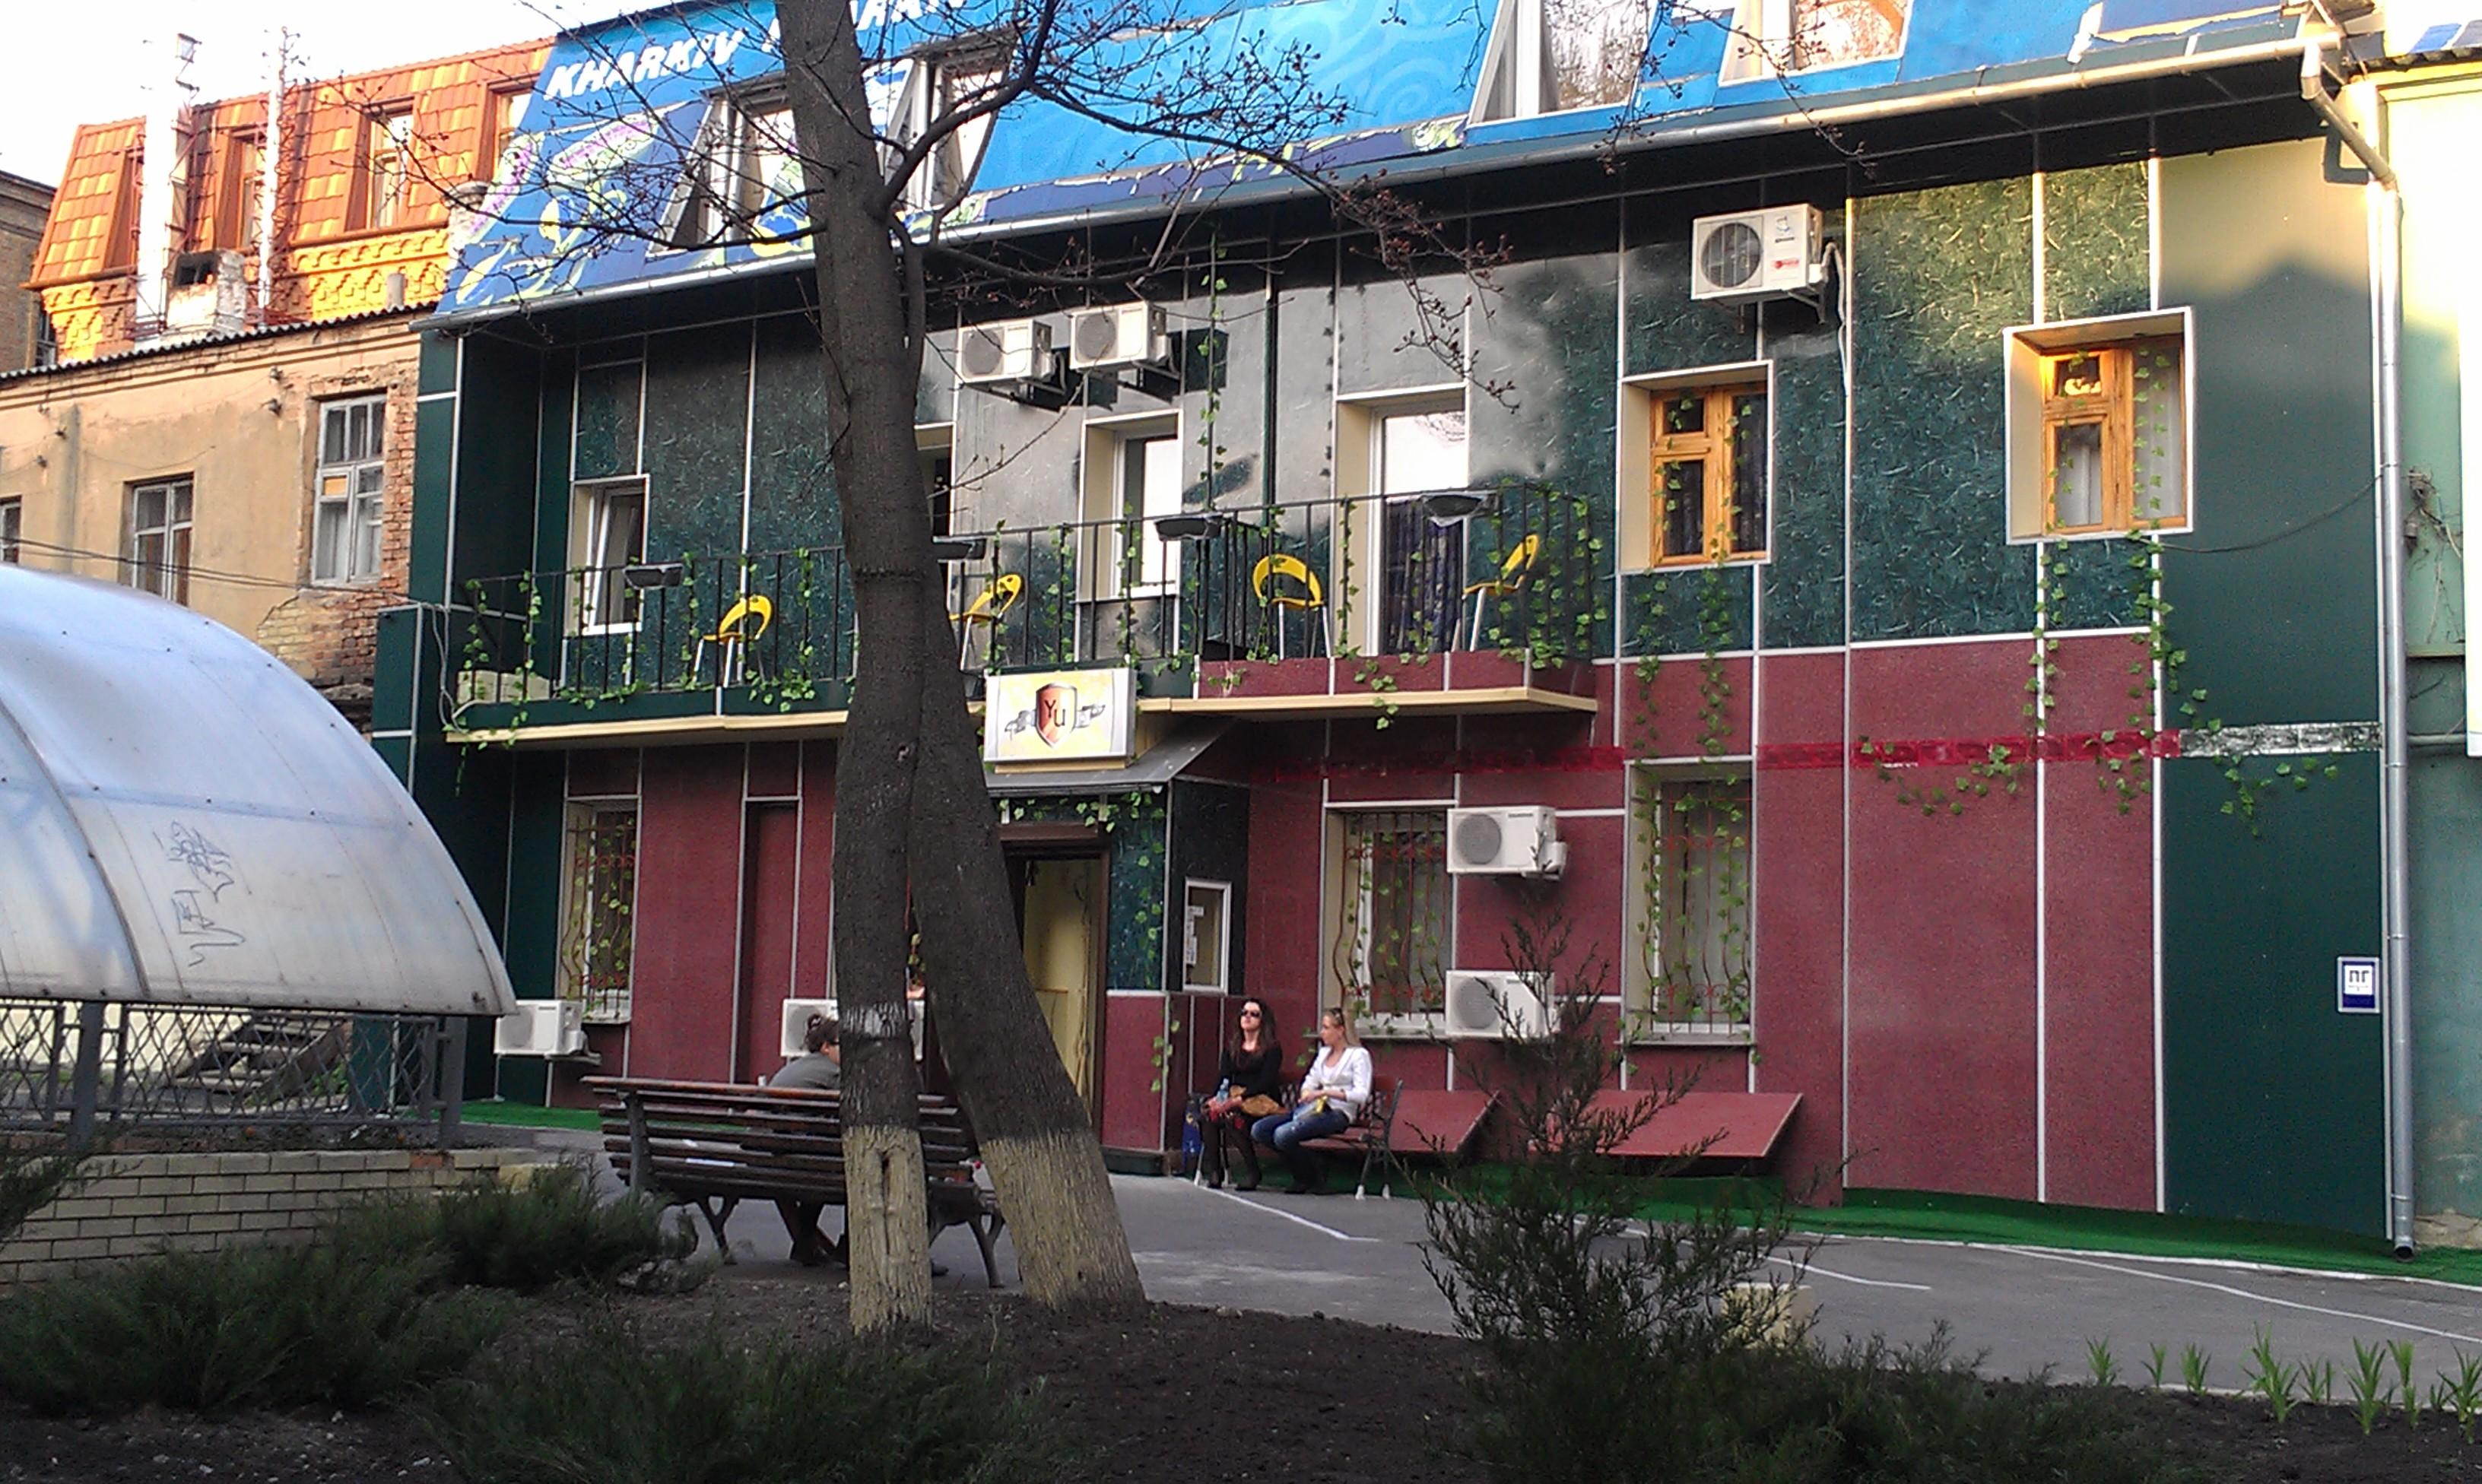 гостиница в городе Харькове.Украина